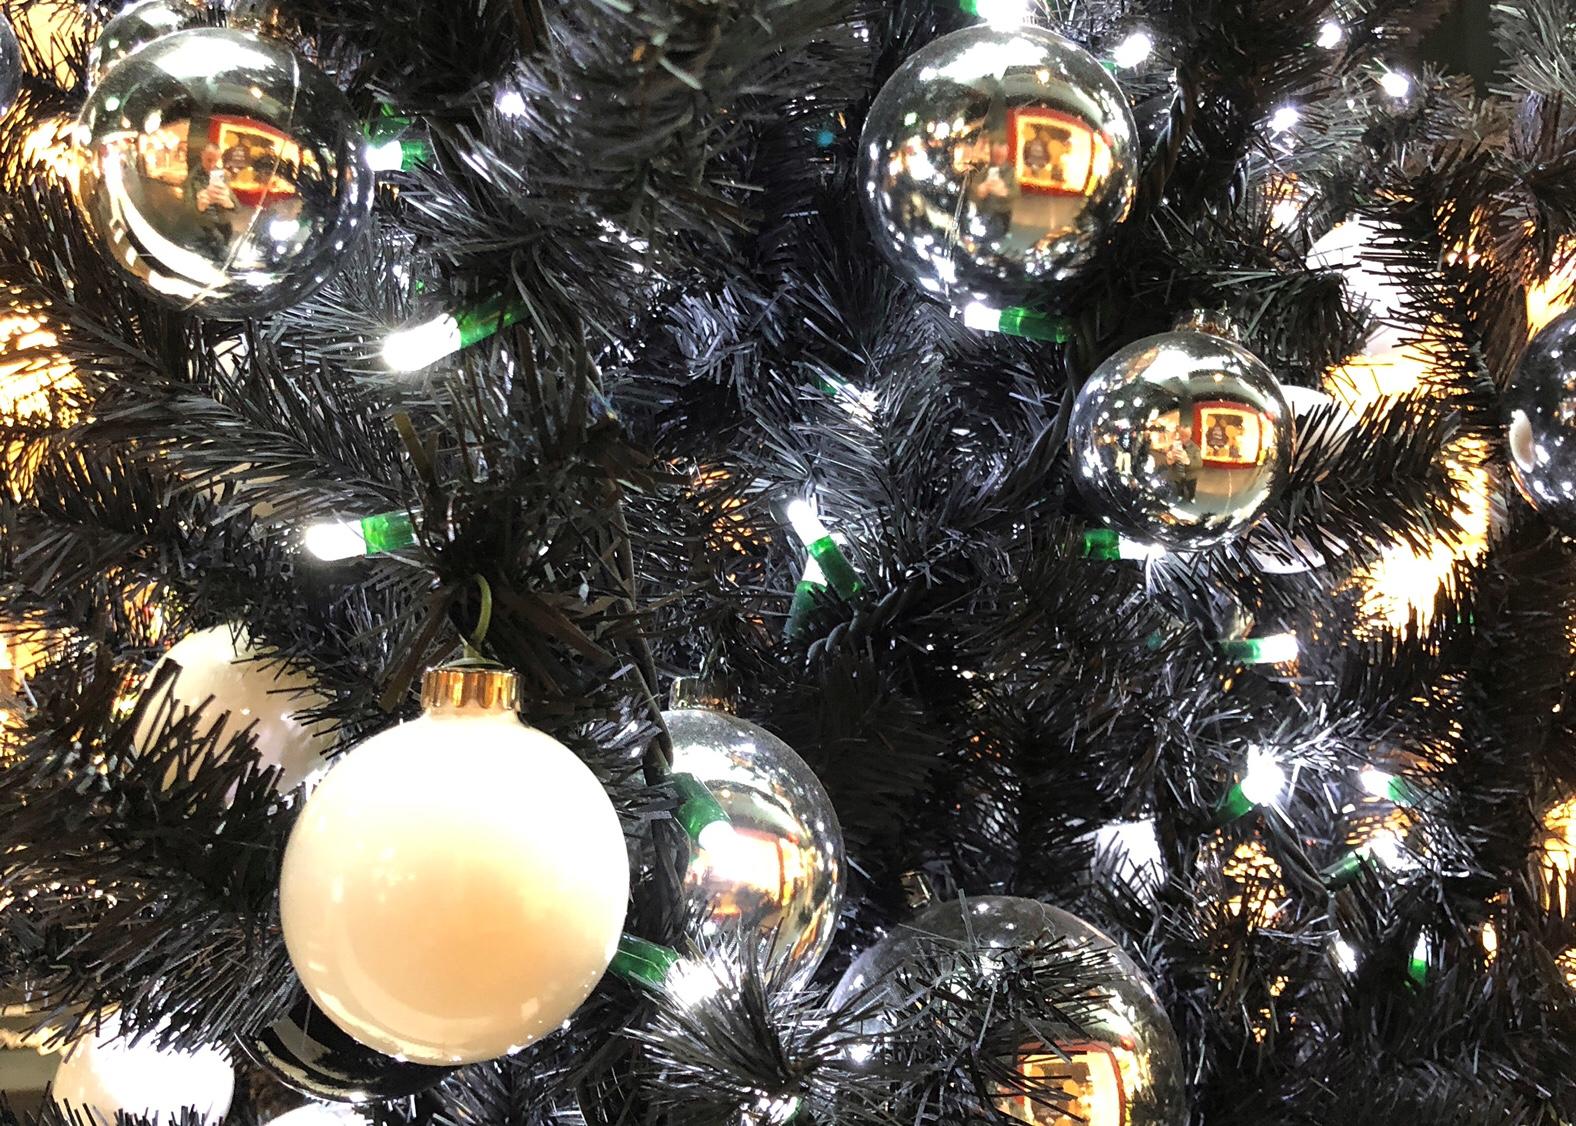 Isländisch Frohe Weihnachten.Heiligabend Christkind Weihnachten Und Seine Bedeutung Neoeso